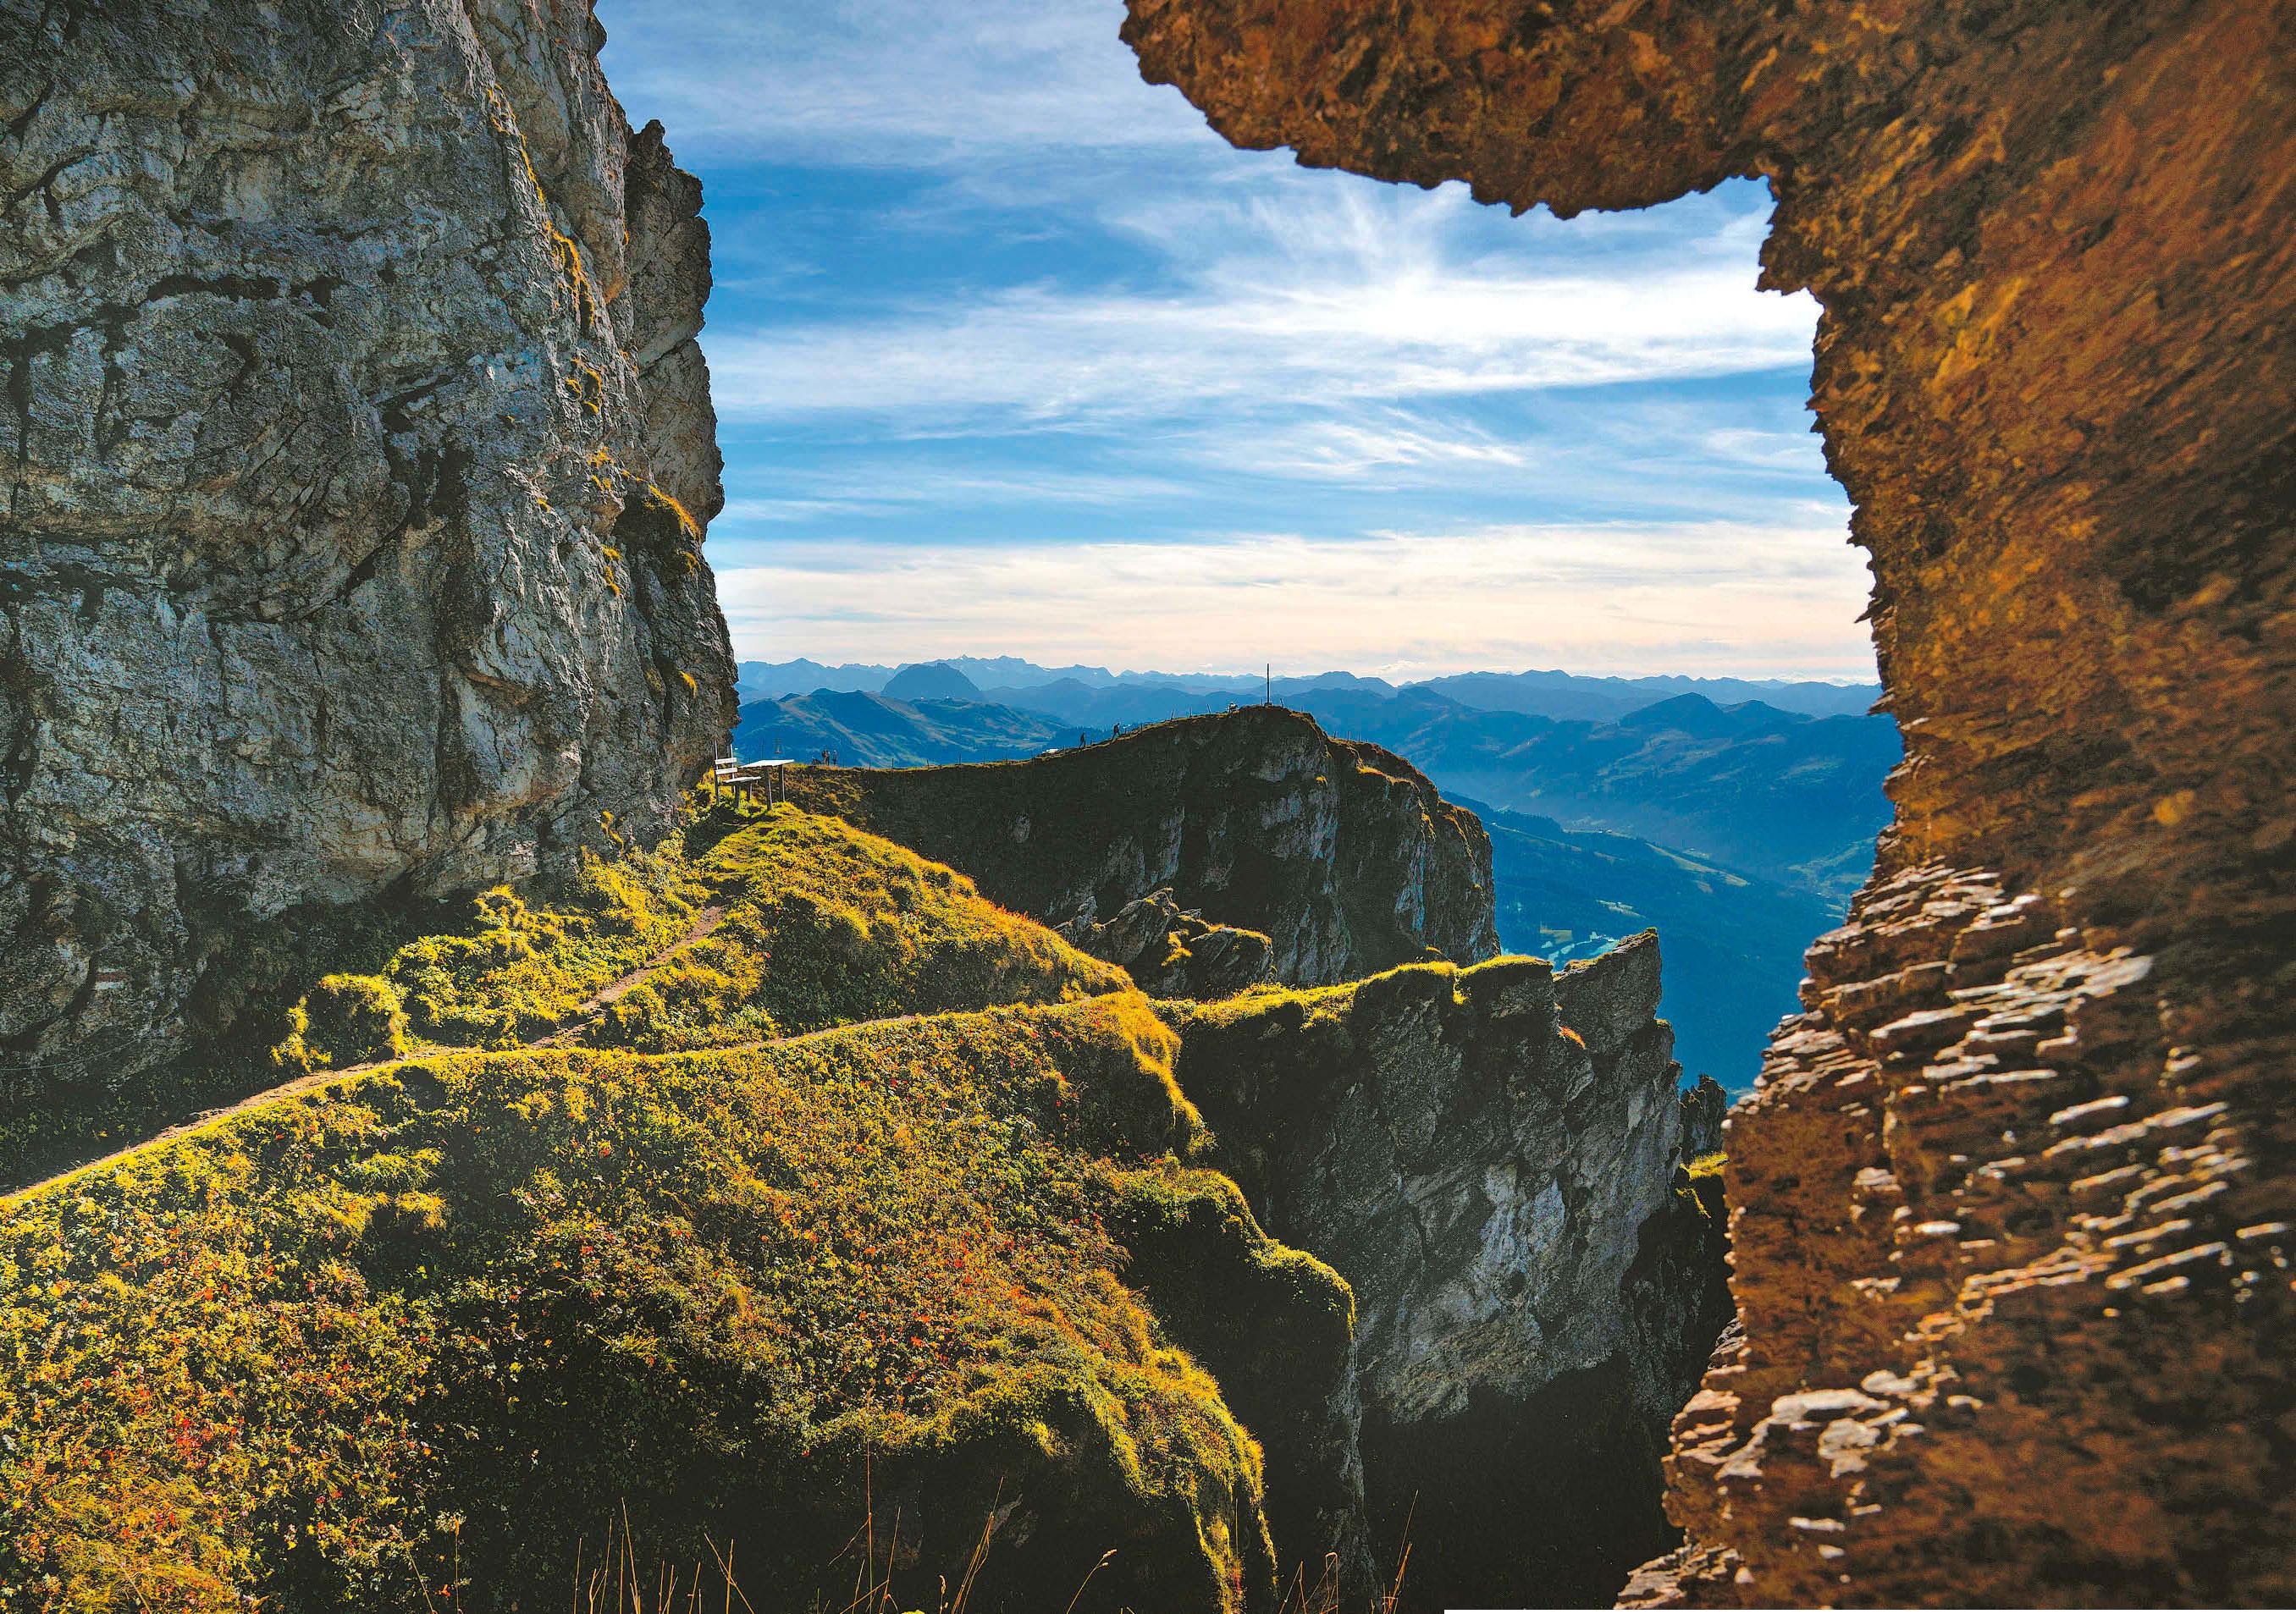 Allein der Blick vom Kitzbüheler Horn entschädigt für die rund 80 Kilometer zuvor.